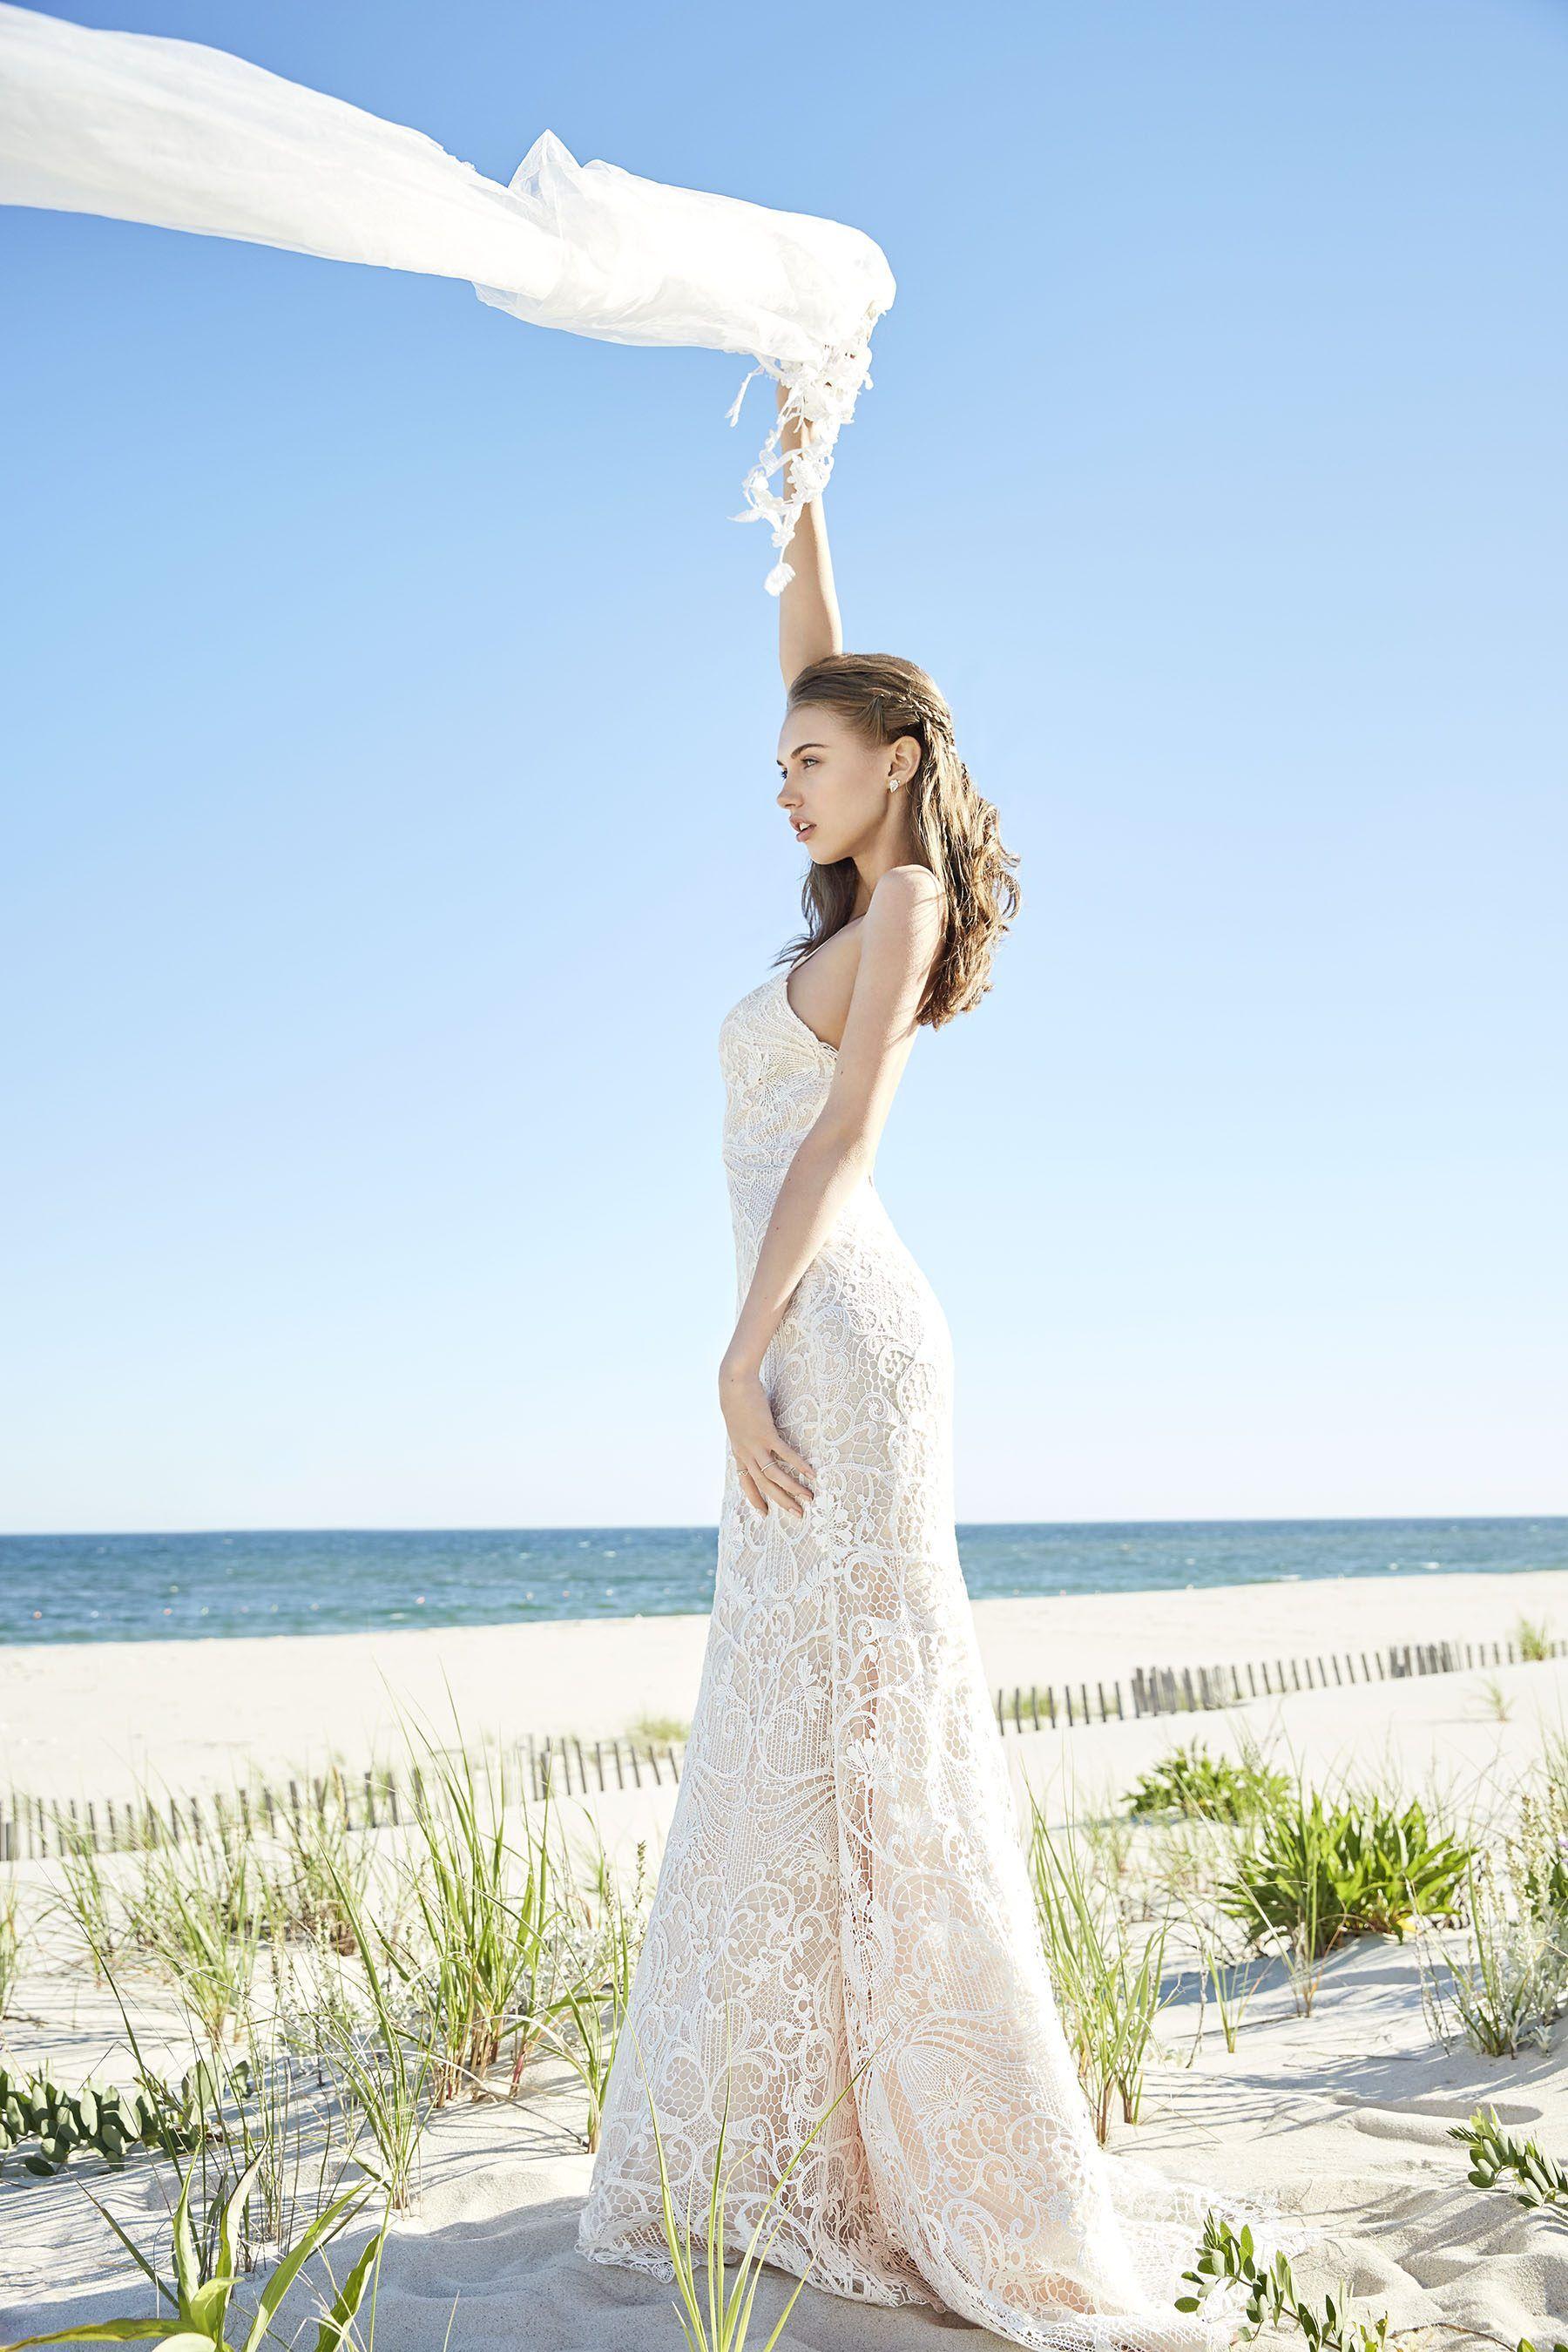 Ziemlich Tabitha Brautkleid Galerie - Hochzeit Kleid Stile Ideen ...